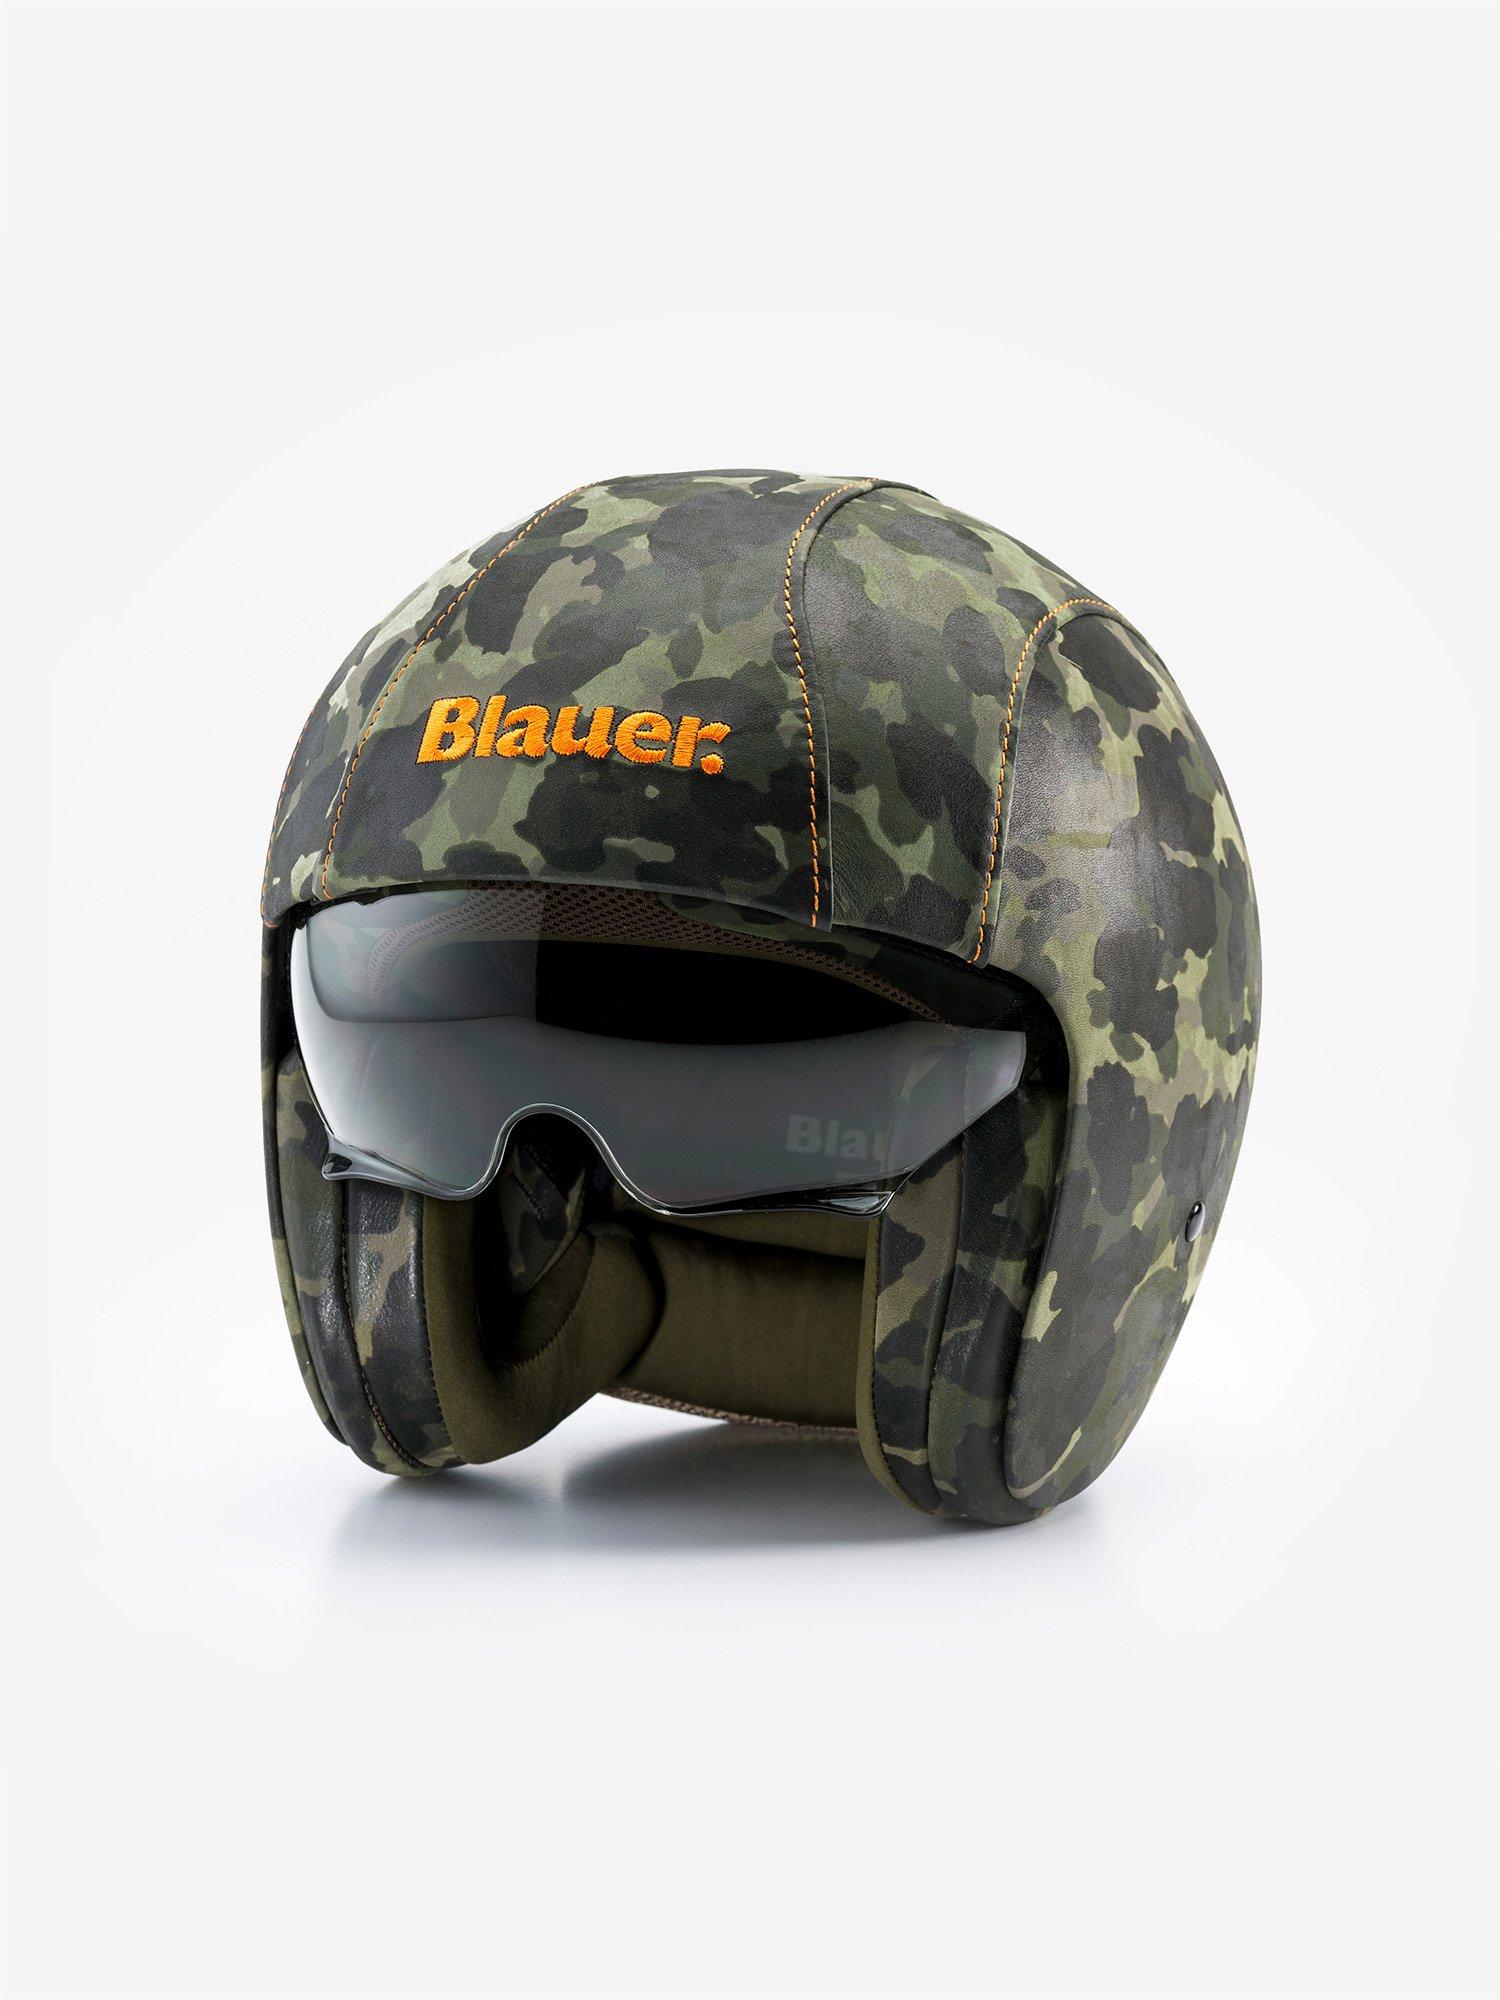 Blauer - PILOT 1.1 КАМУФЛЯЖ - Camouflage Green - Blauer